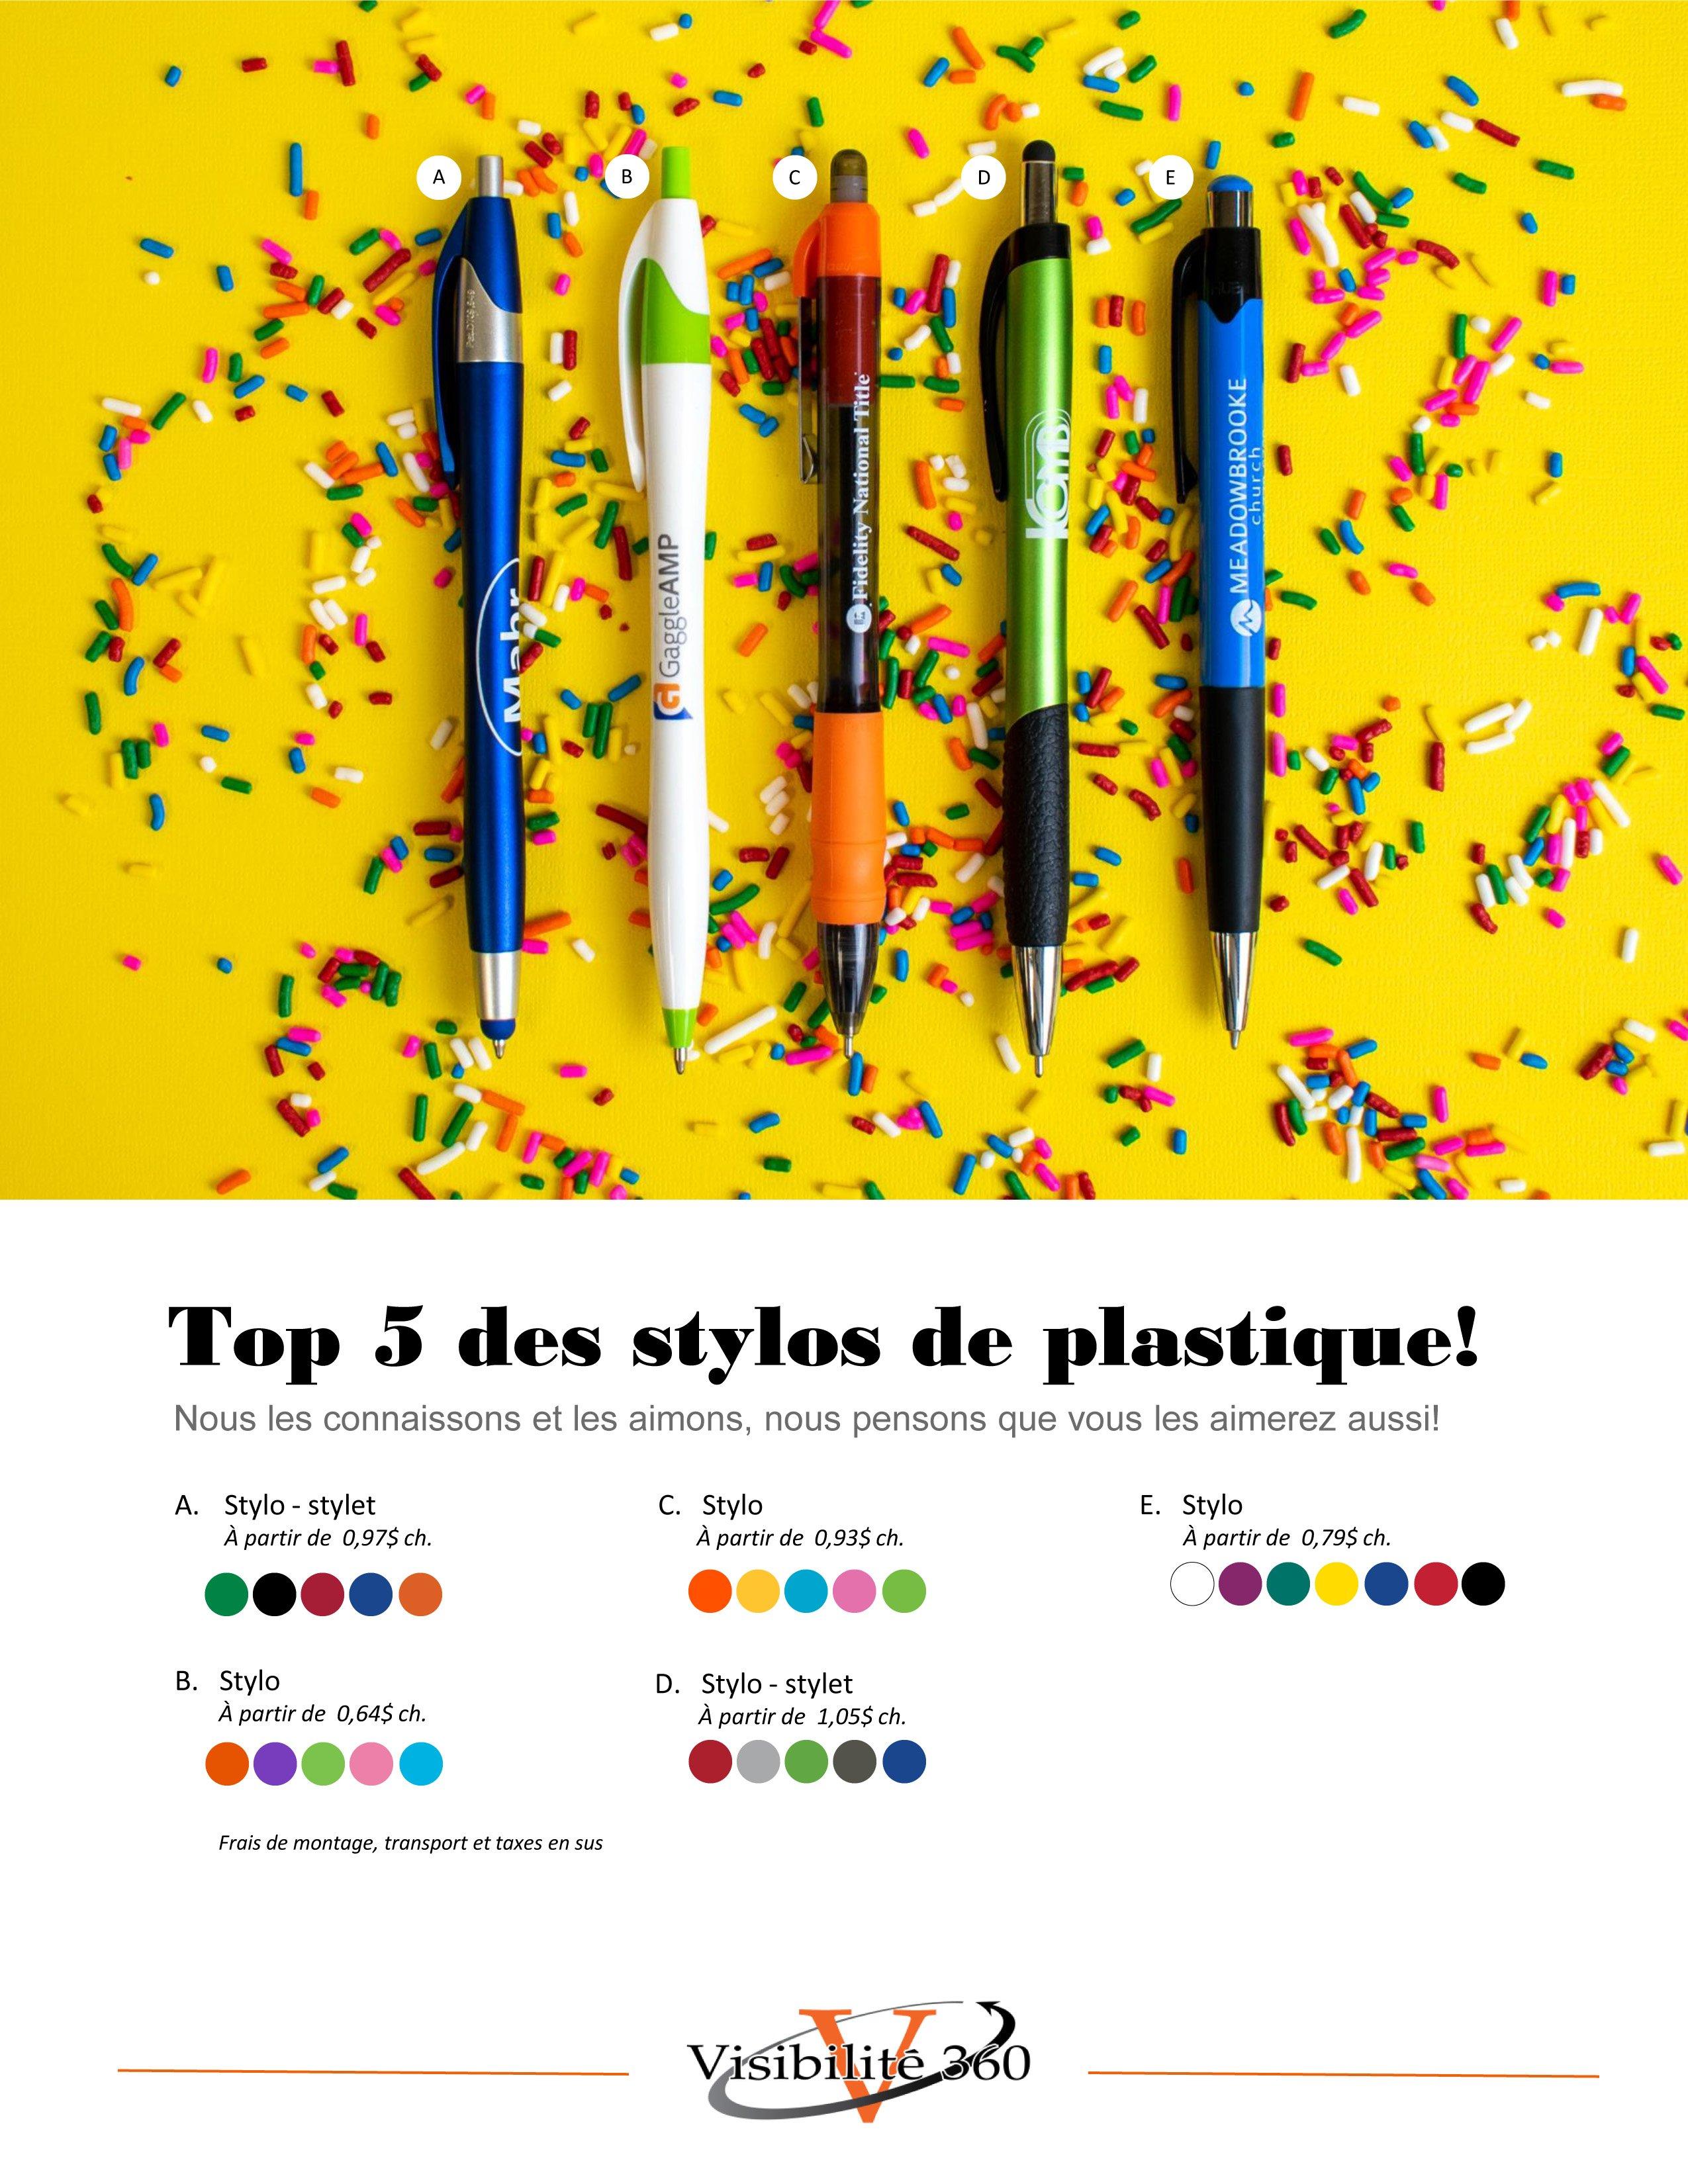 Top 5 des stylos de plastique!